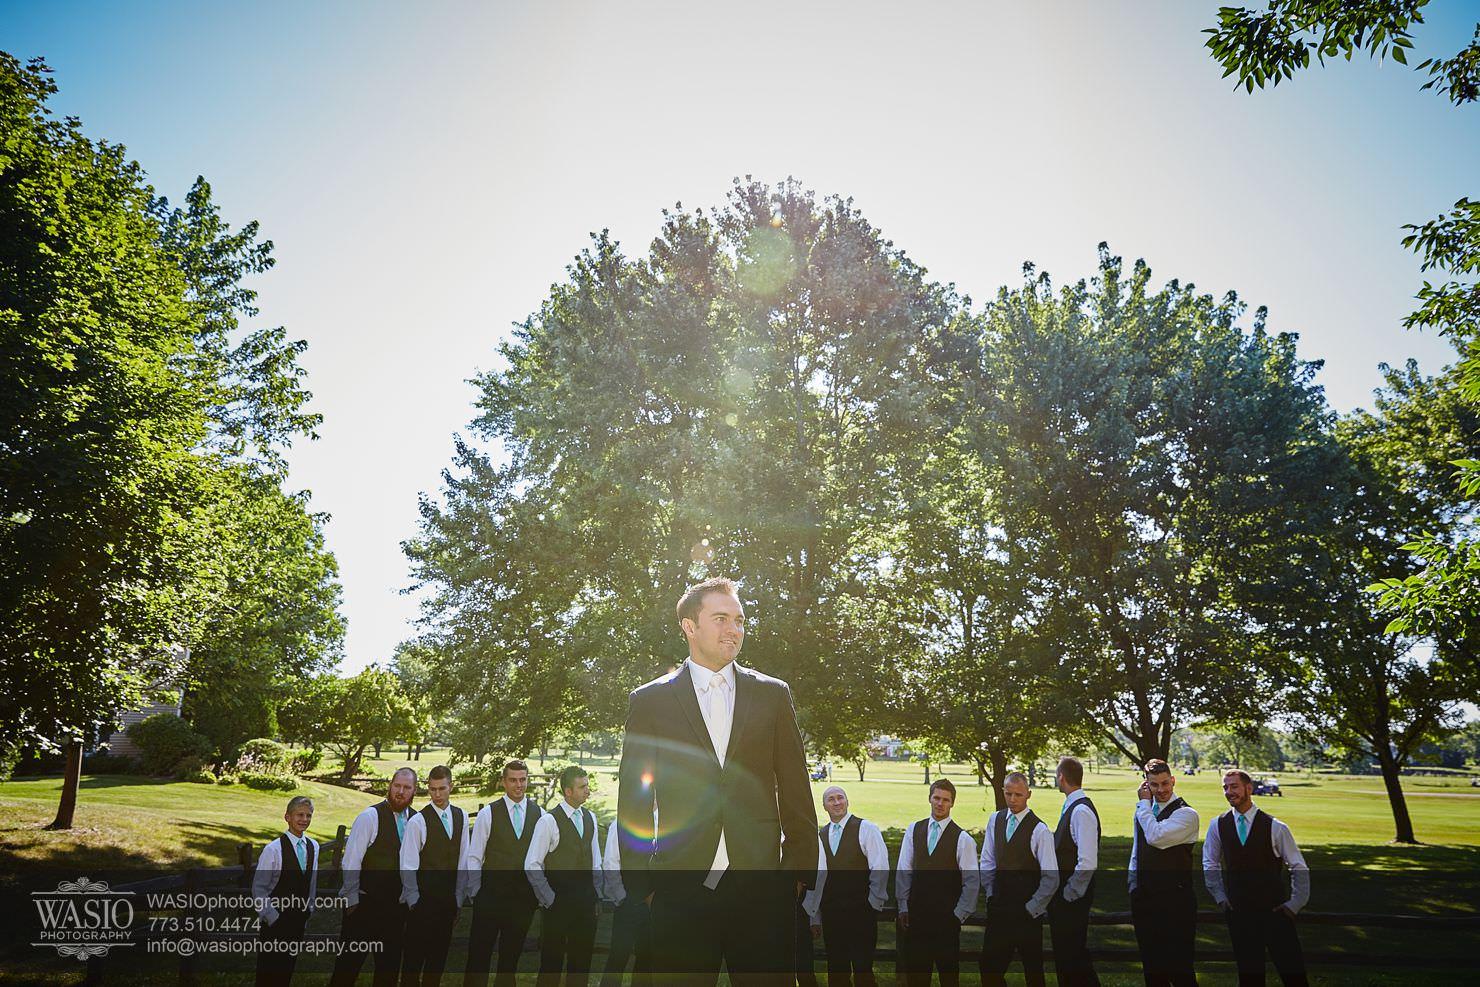 02_Chicago-Summer-Wedding_3P4C3210 Chicago Summer Wedding - Angelica & Pawel